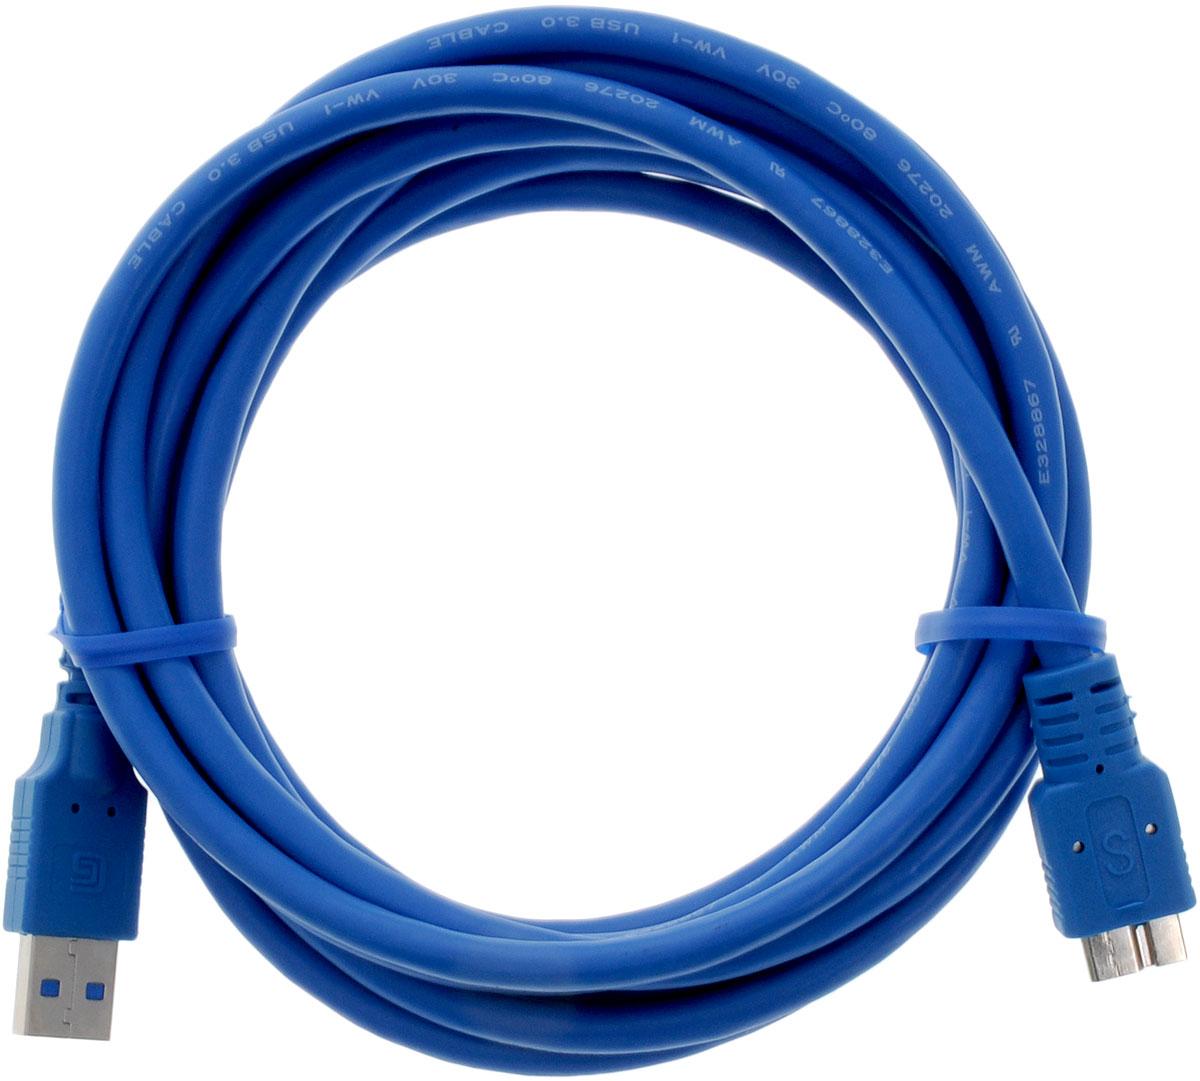 Greenconnect Premium GC-U3A03, Blue кабель microUSB 3.0-USB 3.0 (3 м)GC-U3A03-3mКабель Greenconnect Premium GC-U3A03 используется для подключения к персональному компьютеру или ноутбуку внешнего жесткого диска, Blu-Ray и другого оборудования имеющего разъем microUSB 3.0. Скорость передачи данных: до 5 Гбит Обратная совместимость с USB 2.0/1.1